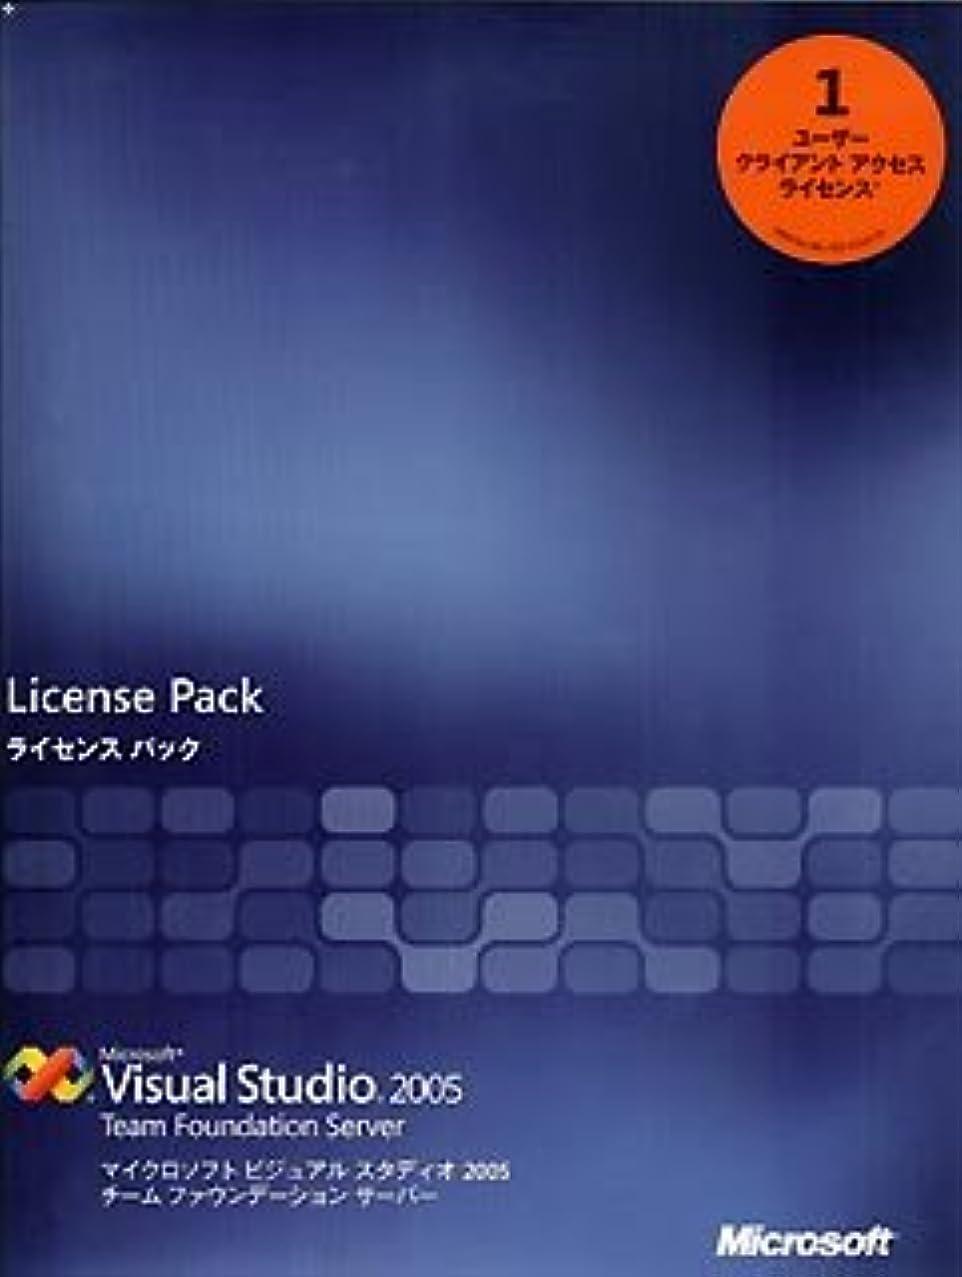 無視できる回る海峡Microsoft Visual Studio 2005 Team Foundation Server 日本語版 1ユーザー クライアント アクセス ライセンス